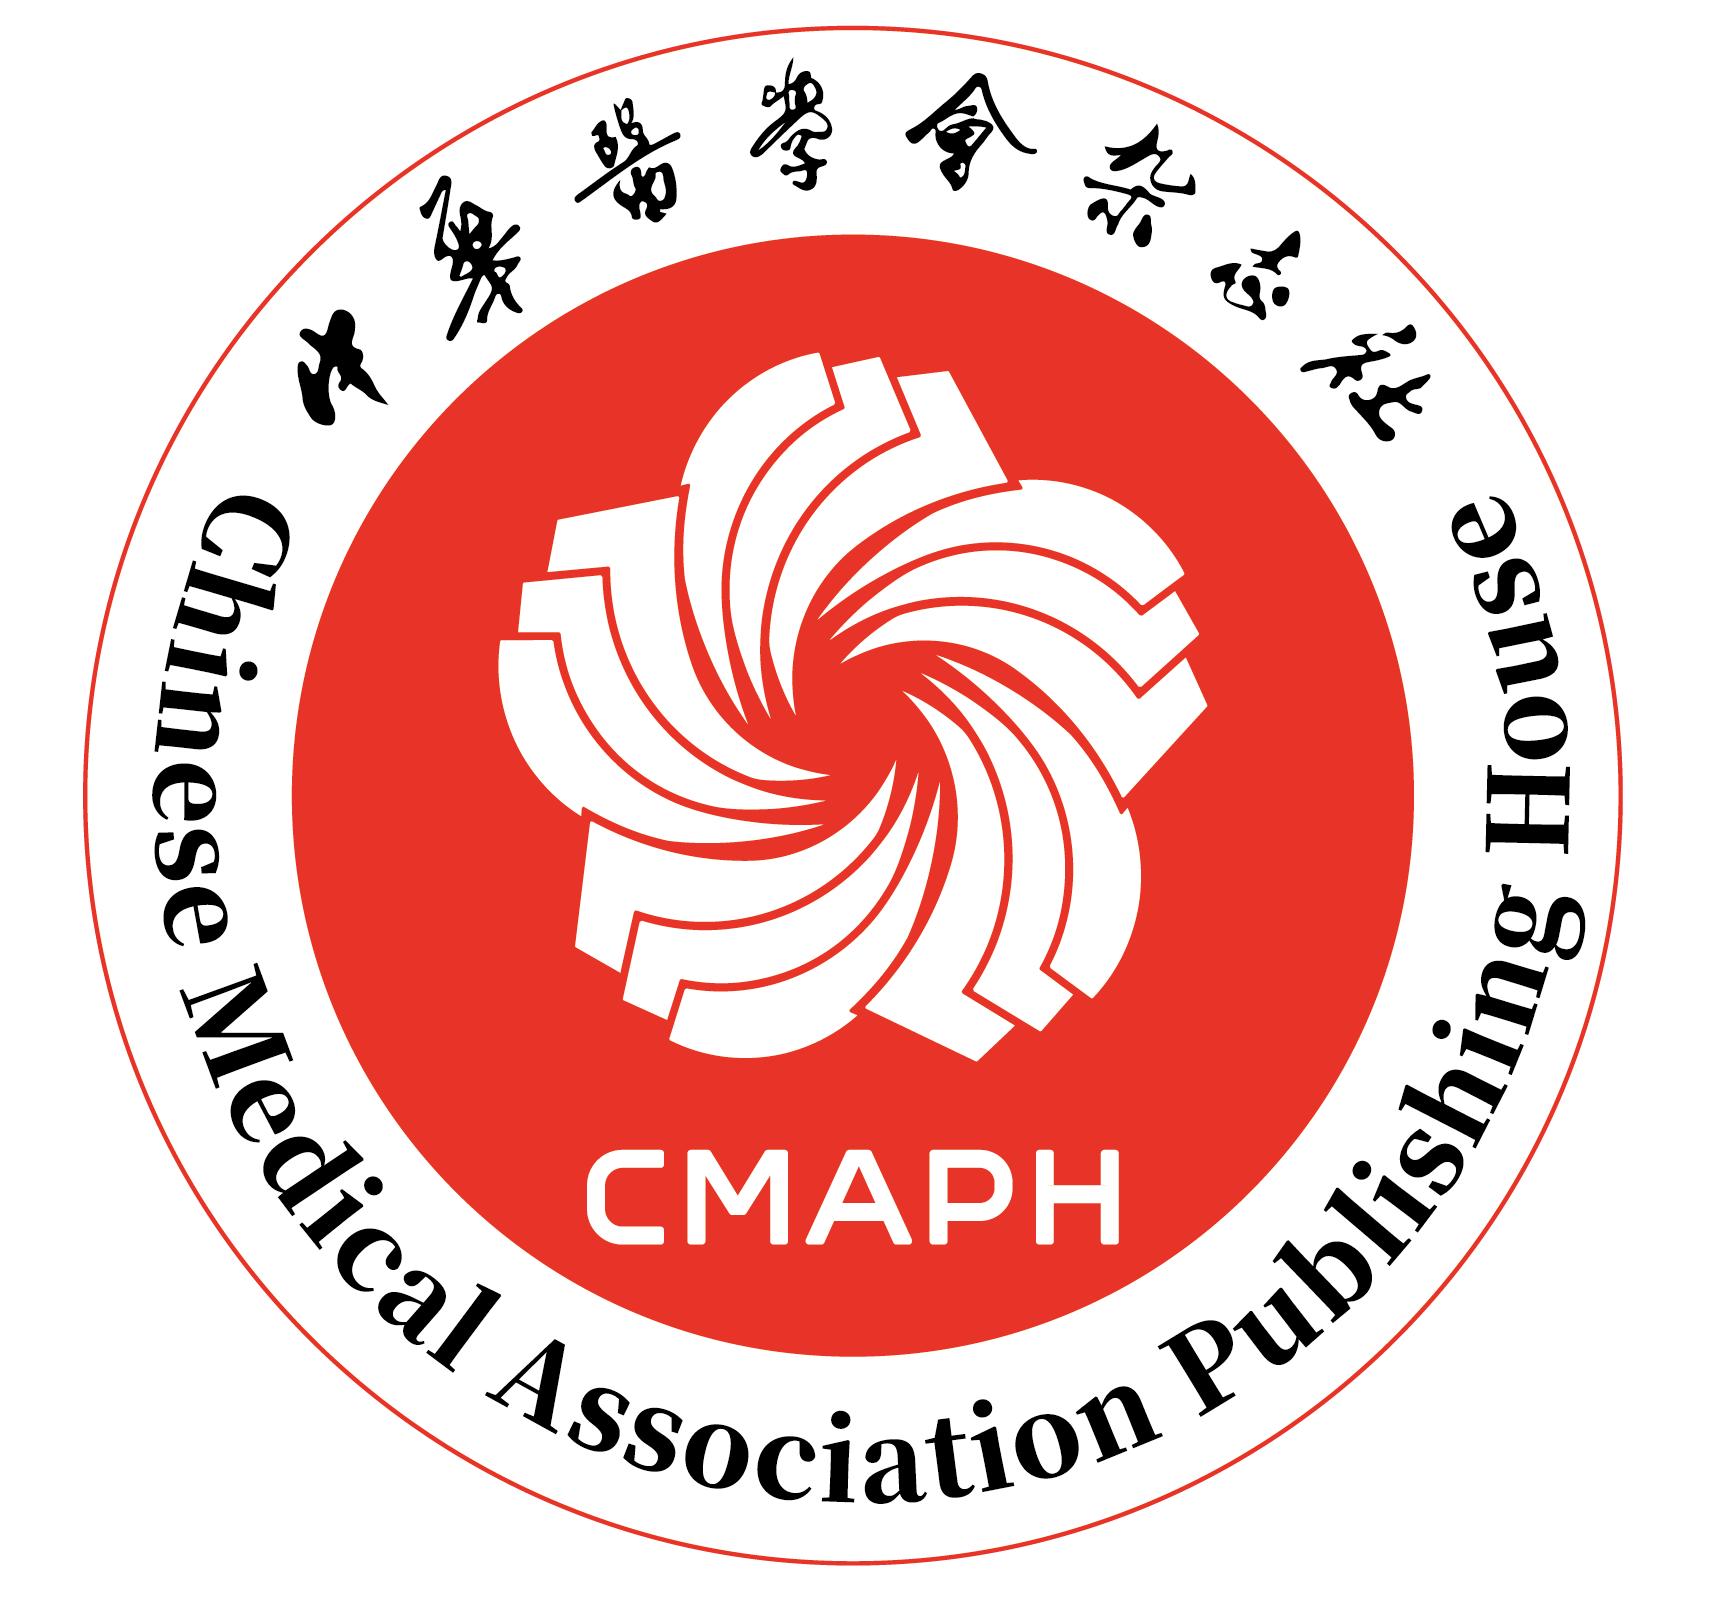 cmaph-logo-2